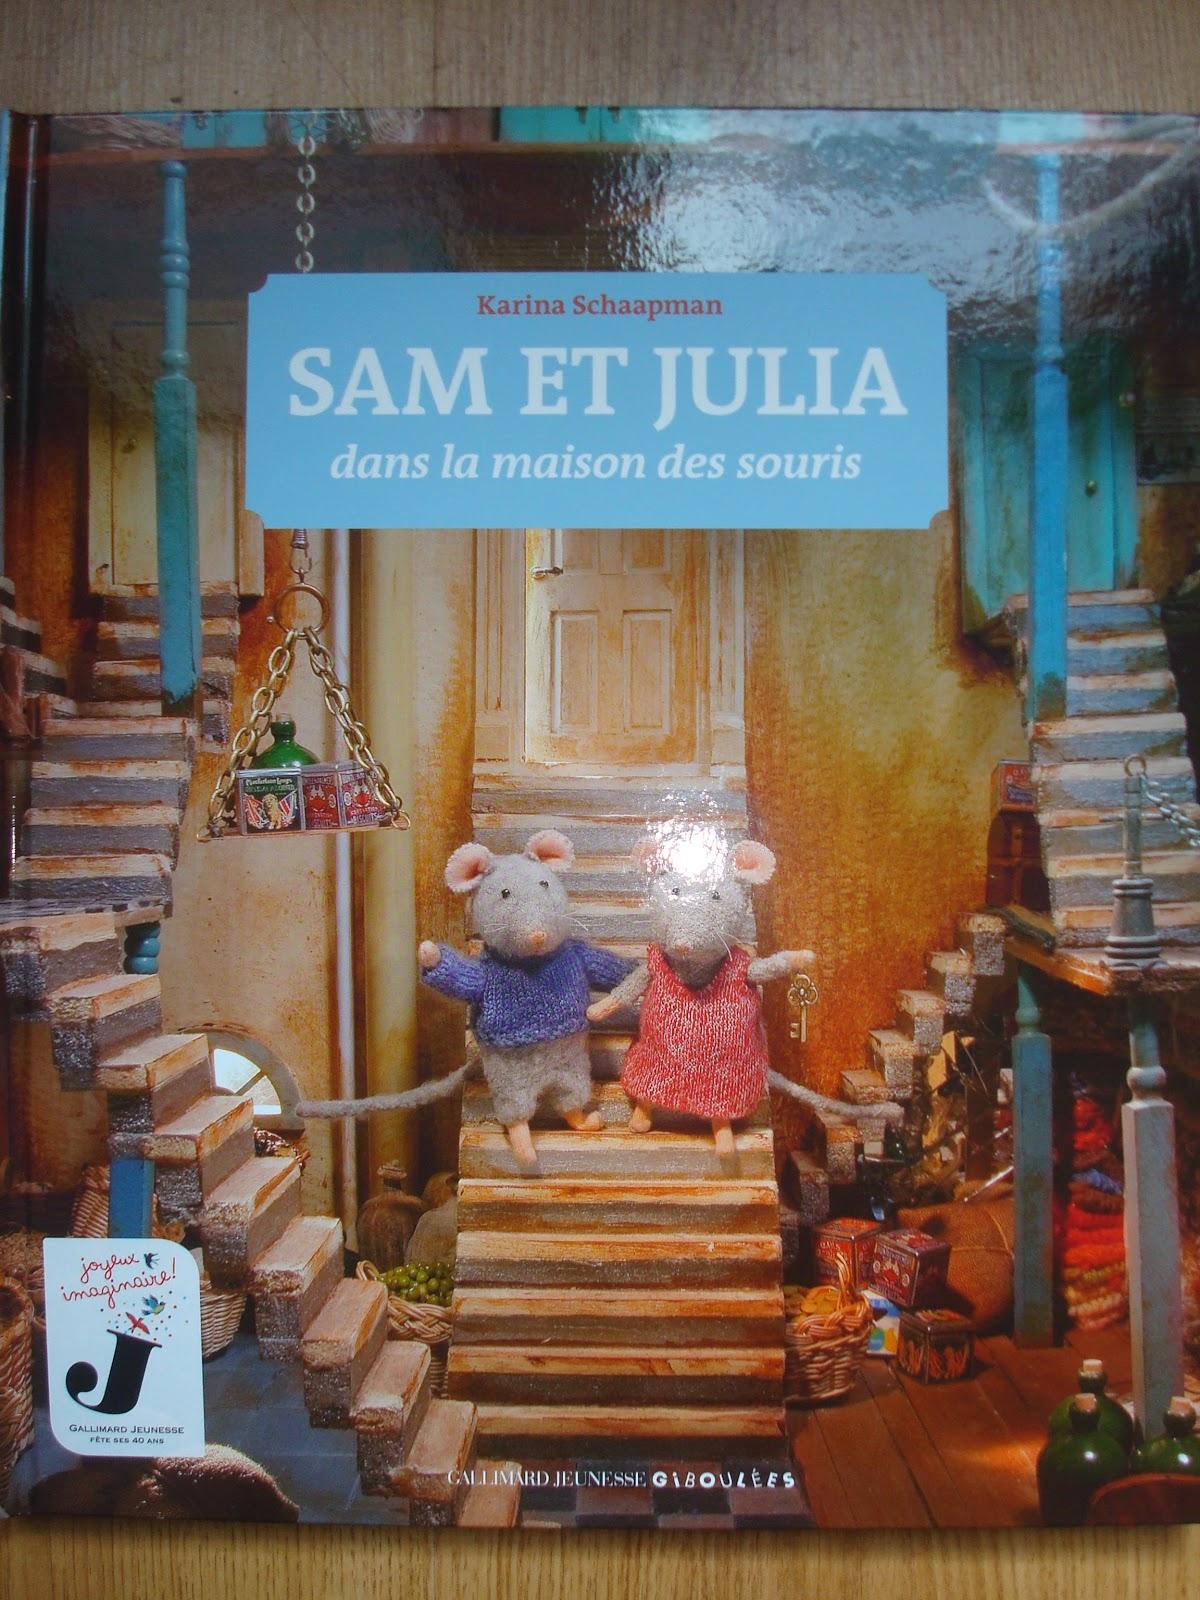 ces doux moments des petites souris dans la maison cinq livres sam et julia dans la maison des. Black Bedroom Furniture Sets. Home Design Ideas